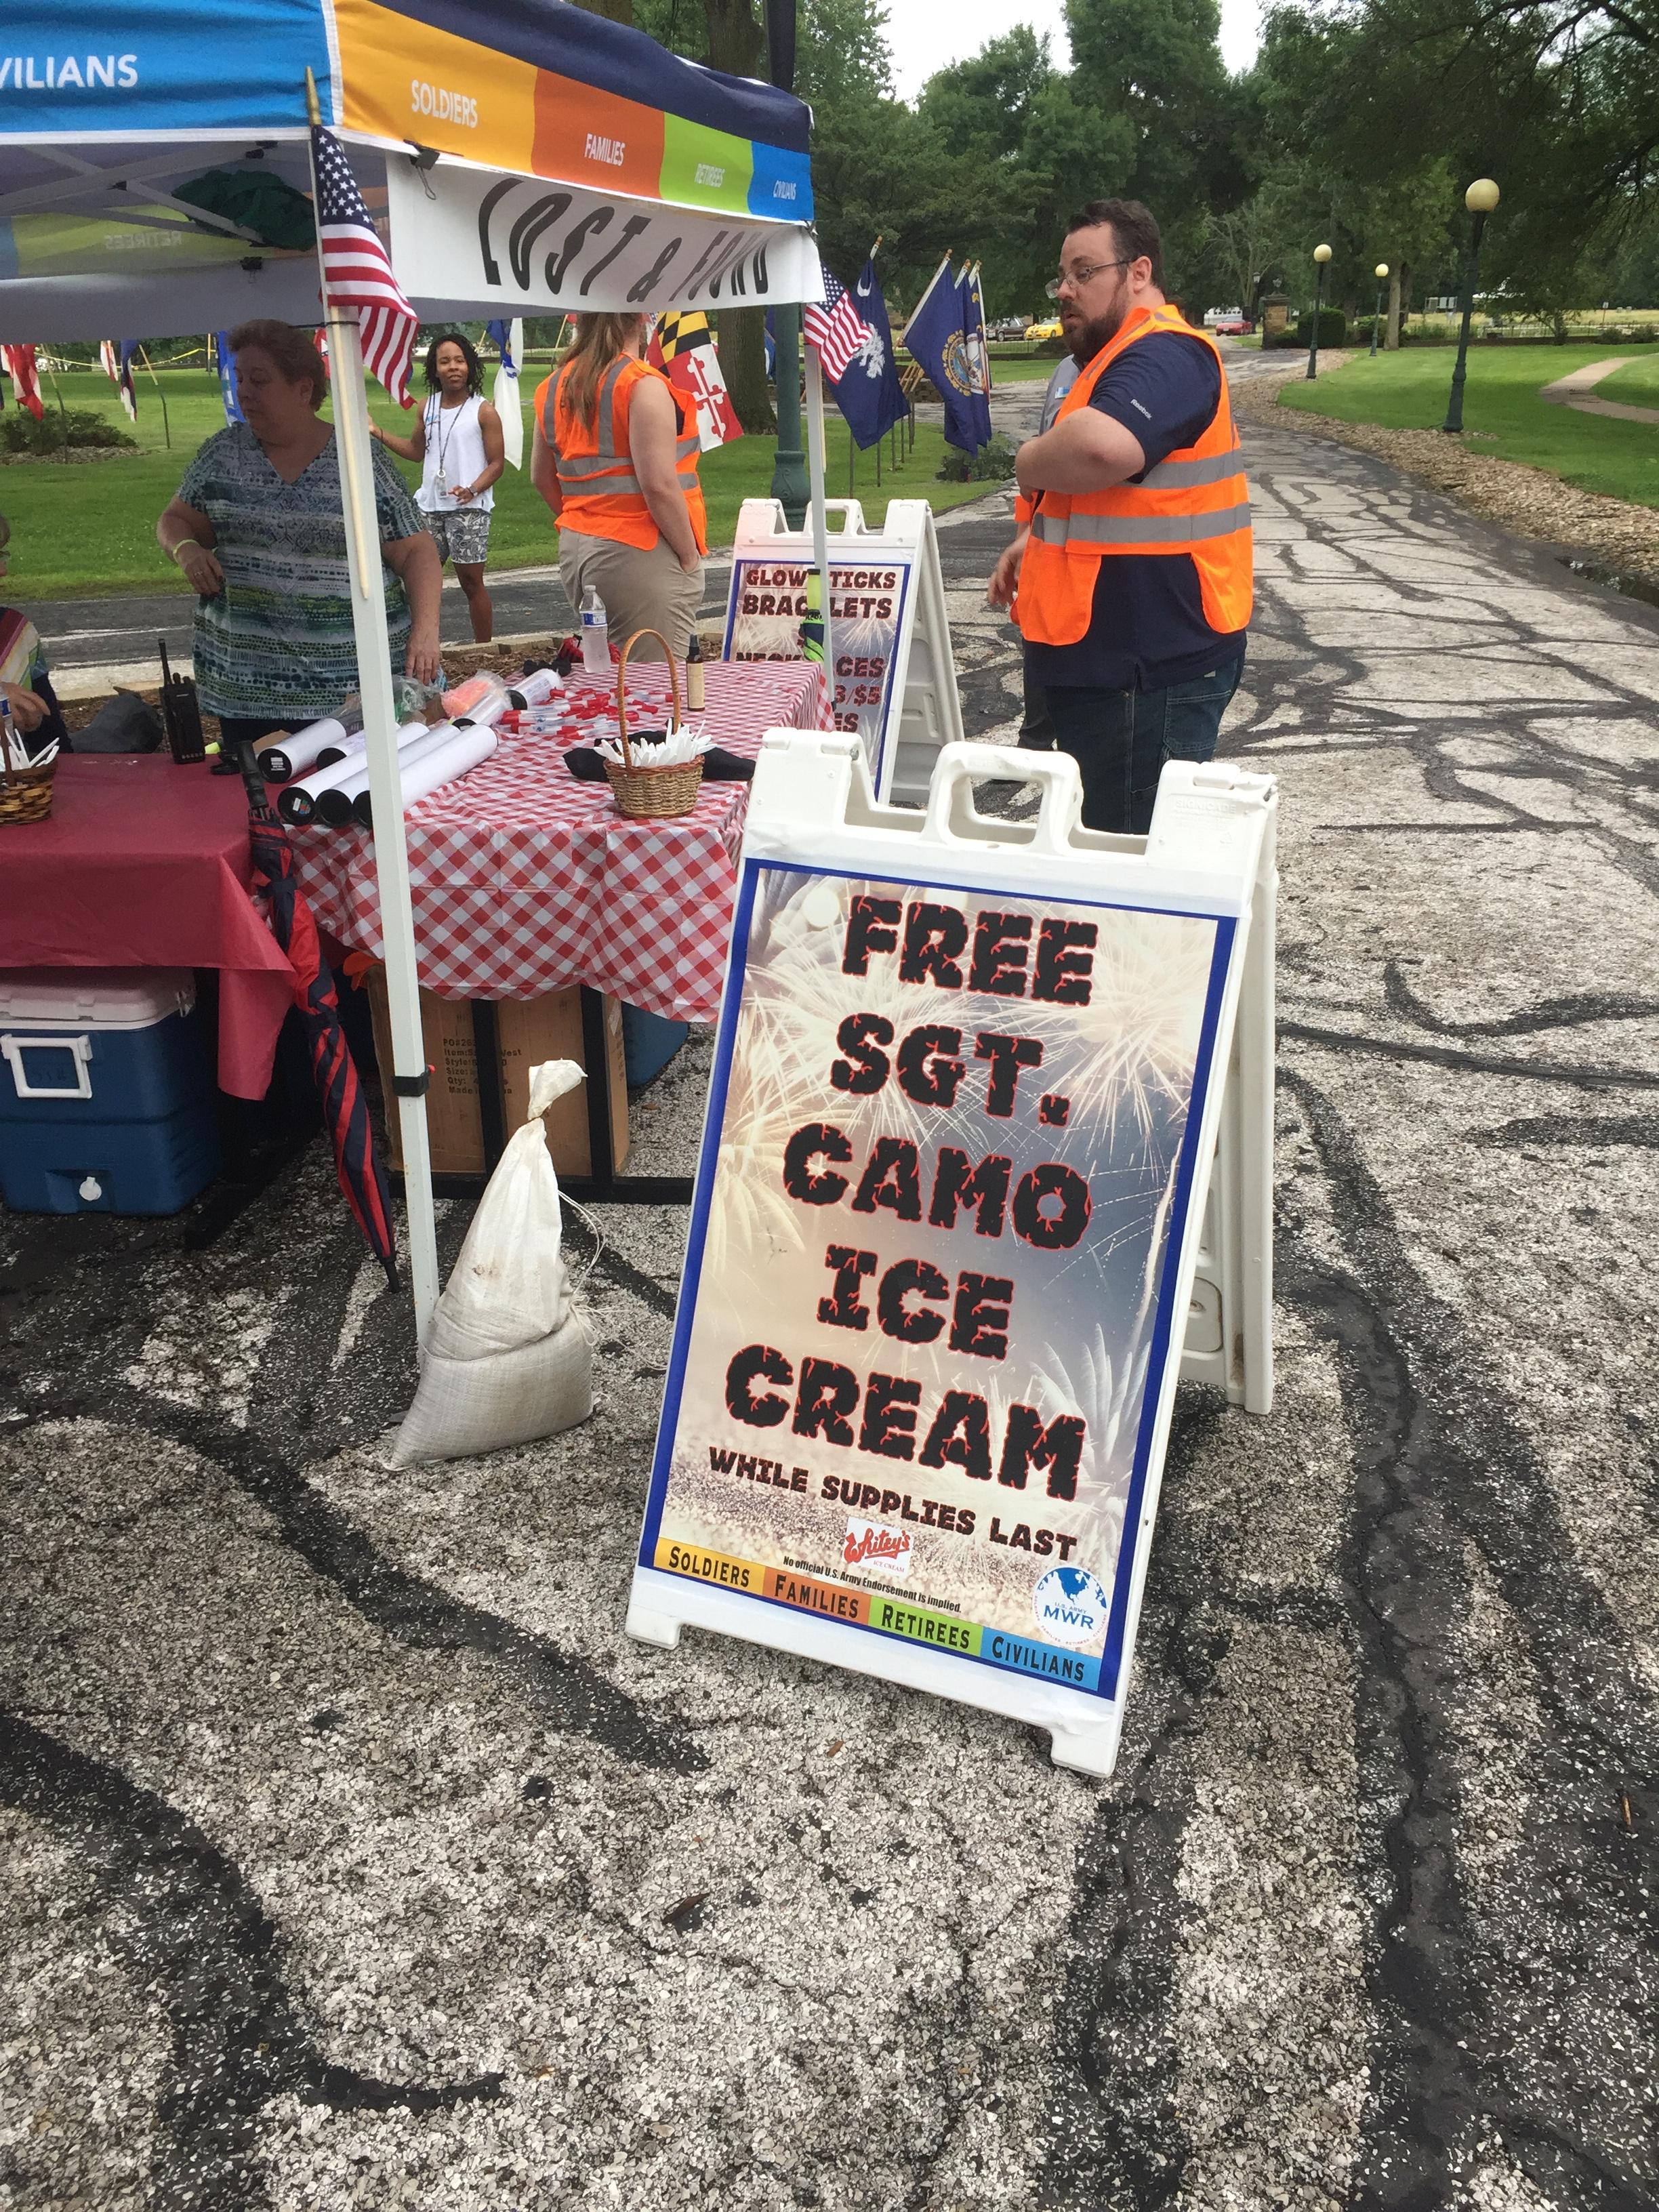 Sgt  Camo Ice Cream - Whitey's Ice Cream